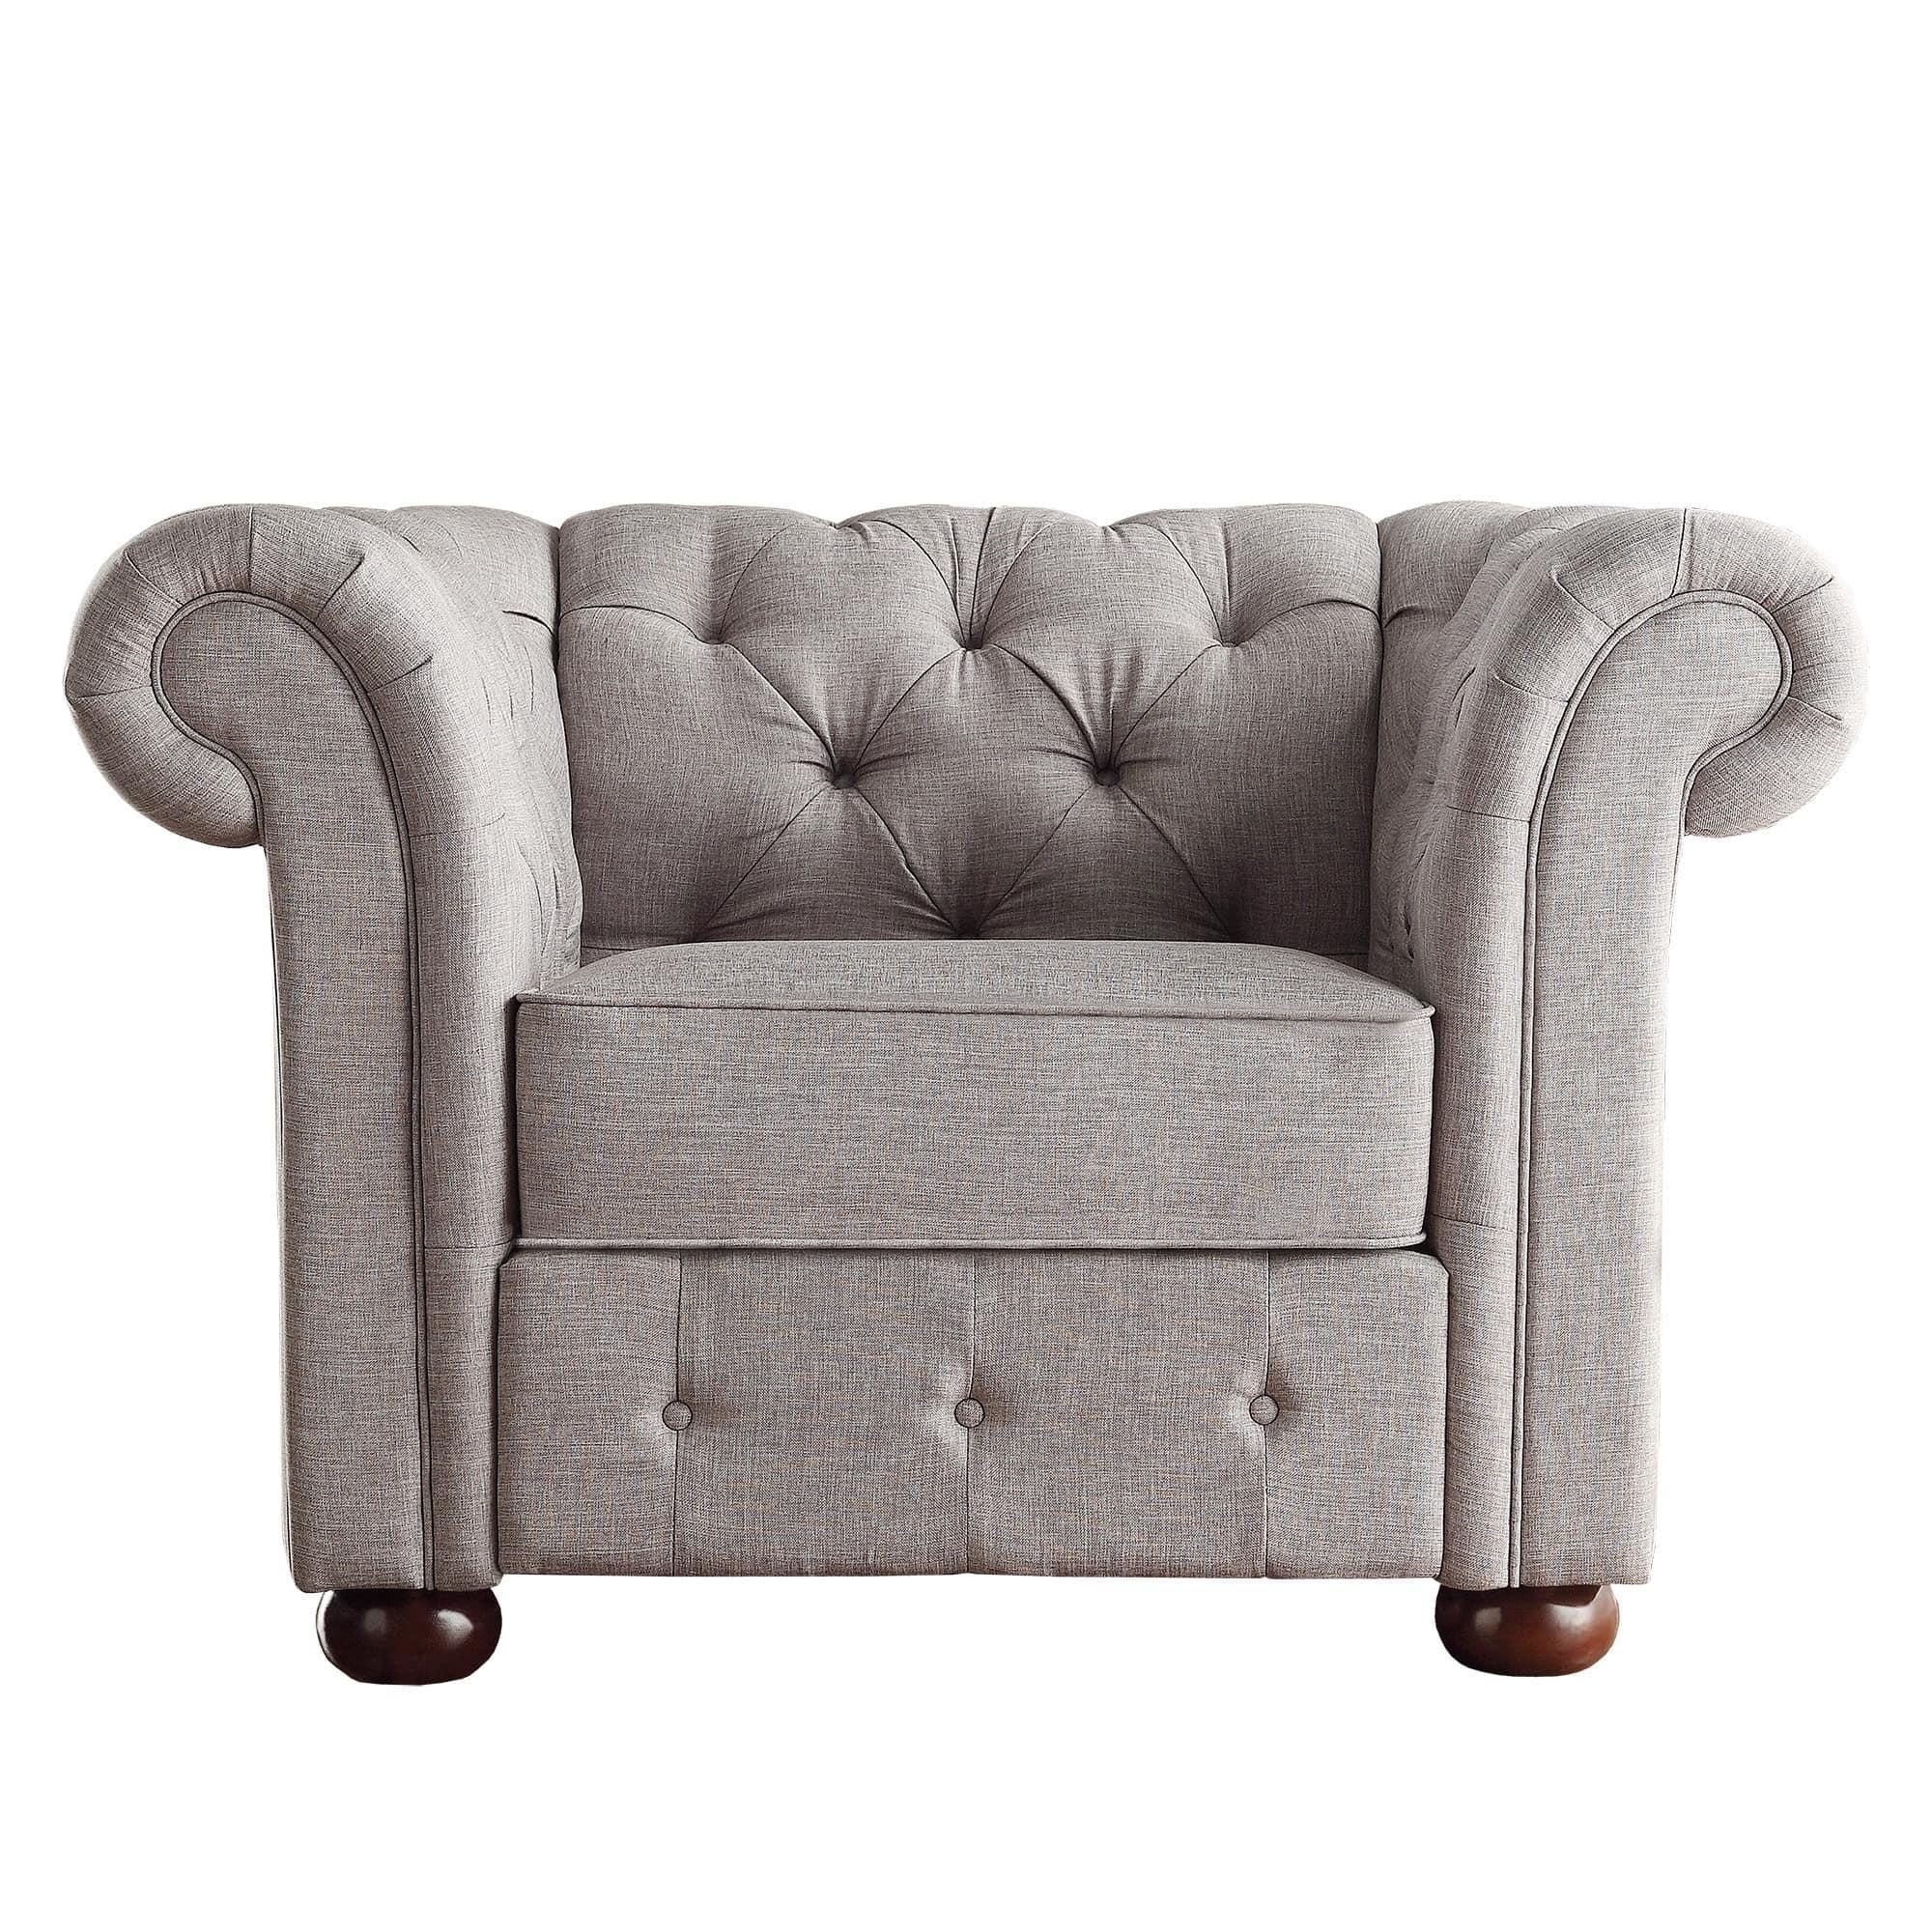 single chesterfield sofa chronos stores rh chronos stores com